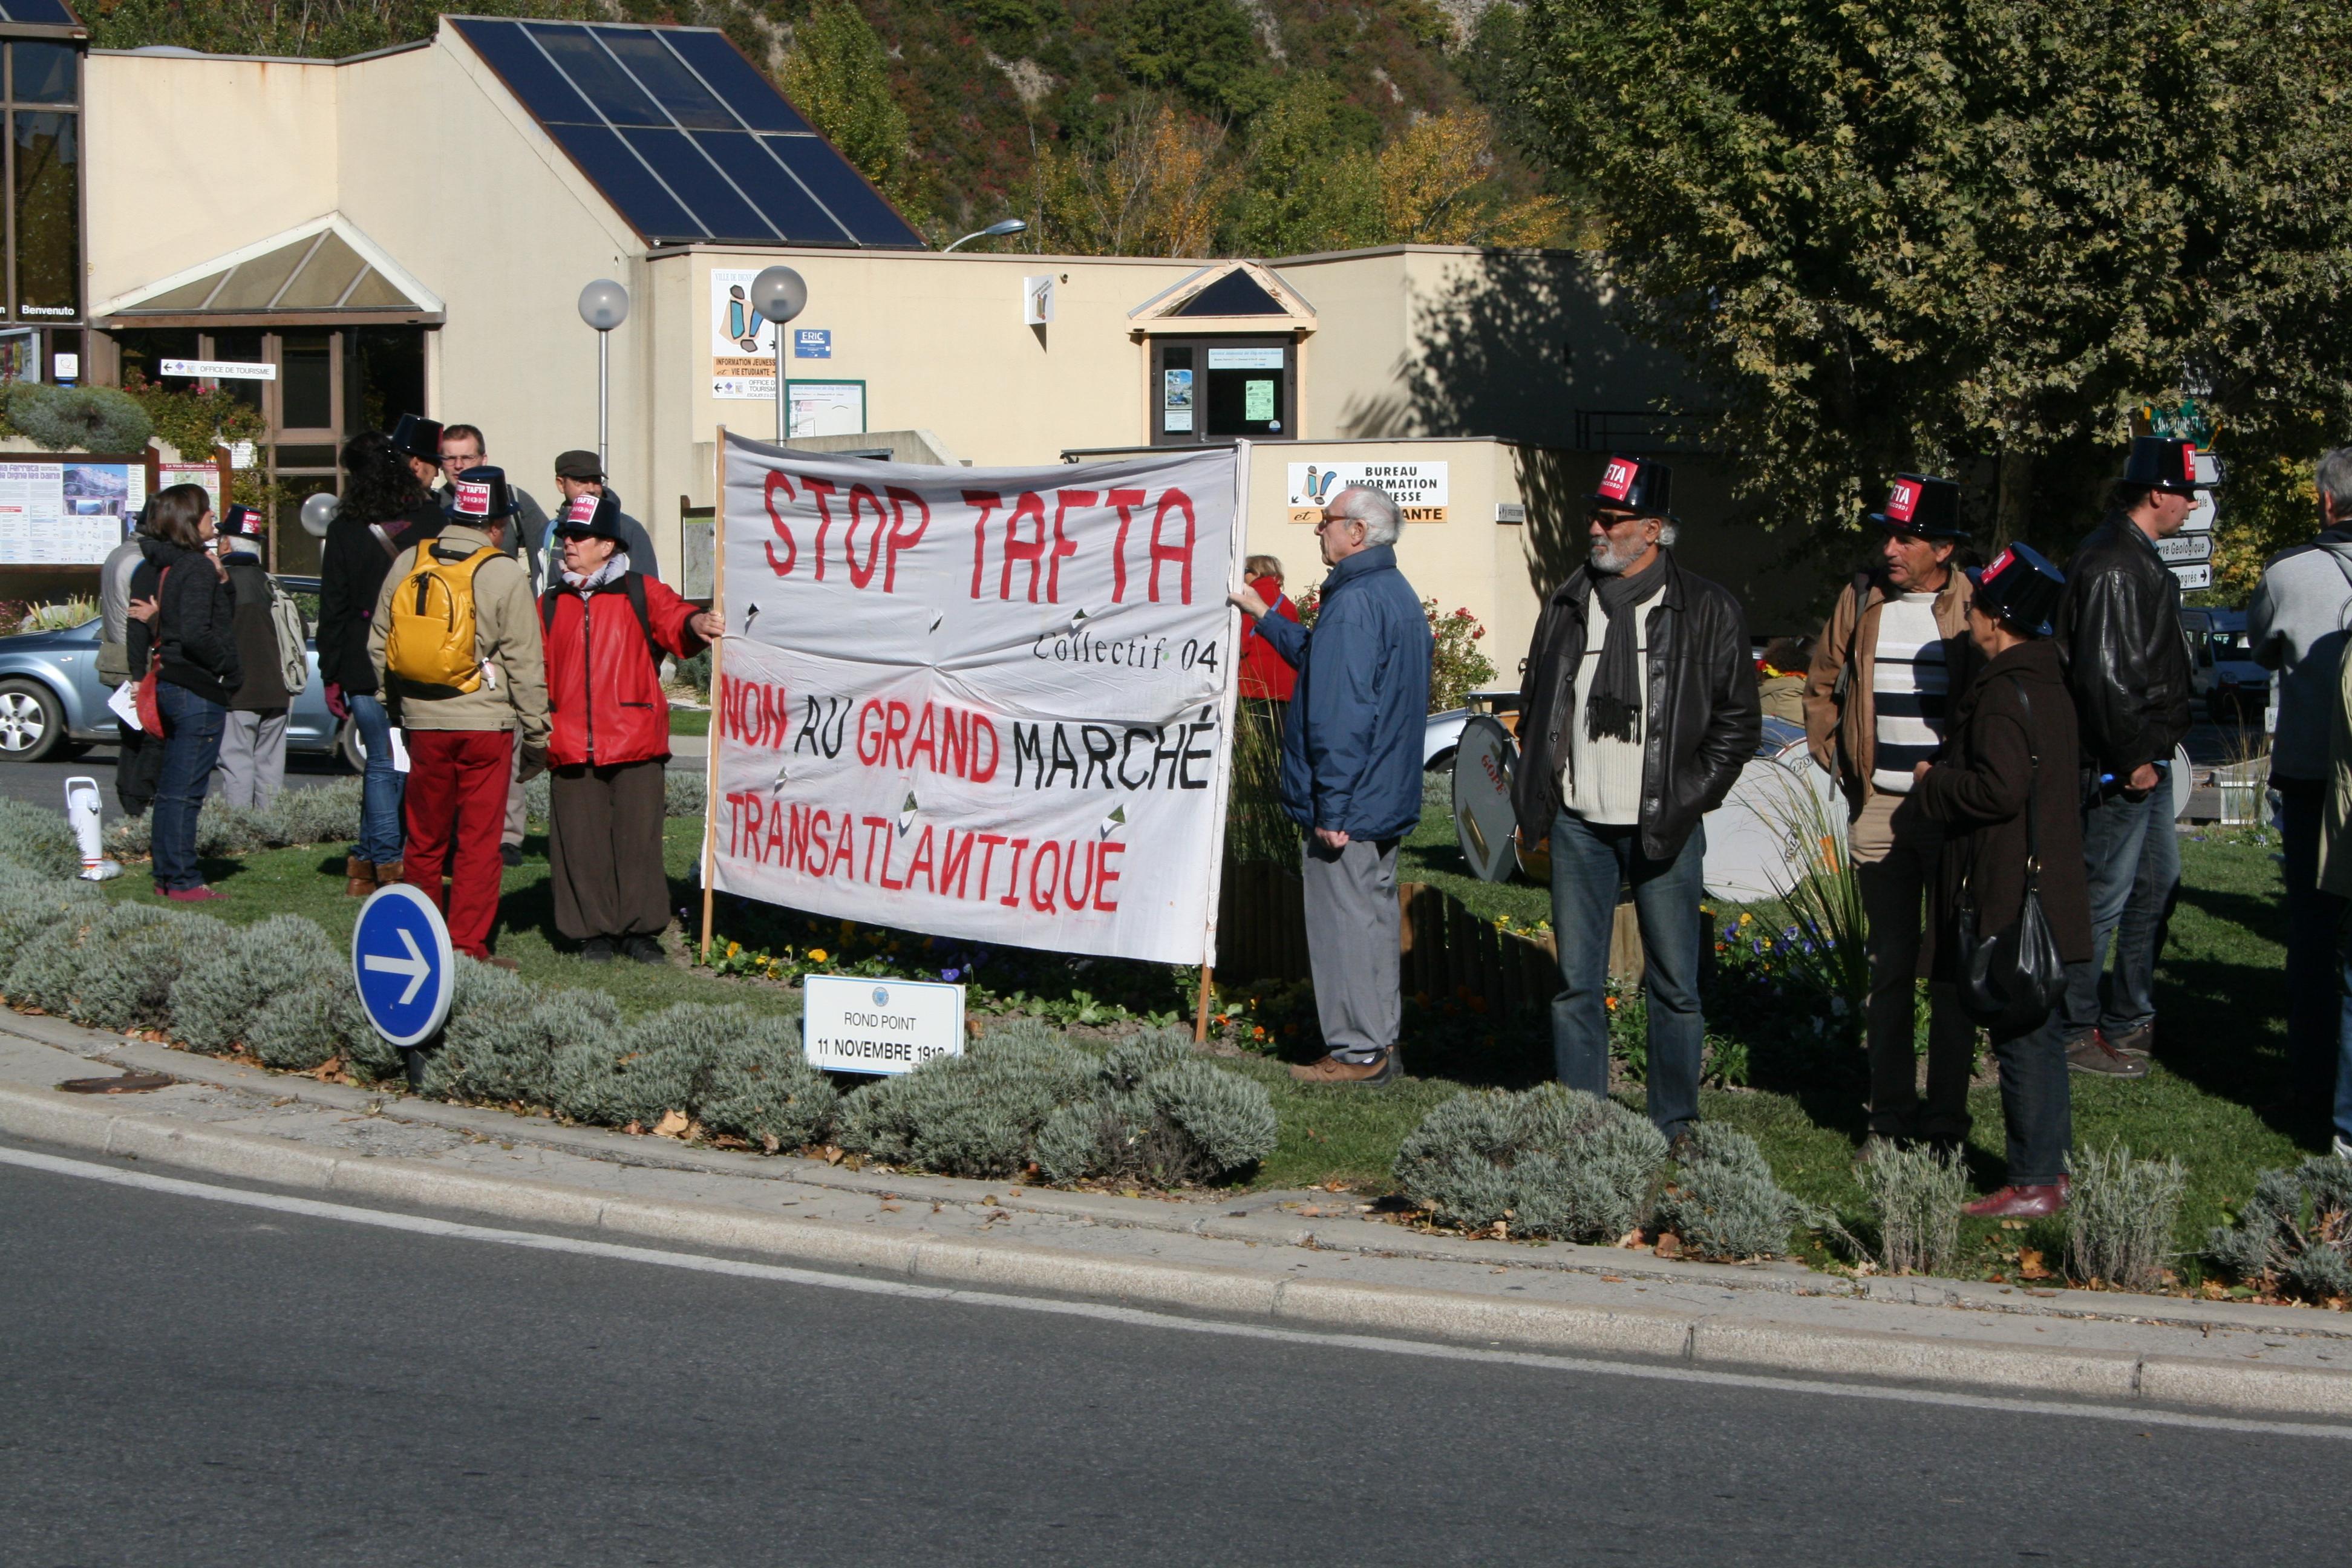 Un rassemblement pour informer sur TAFTA, ce traité méconnu des citoyens